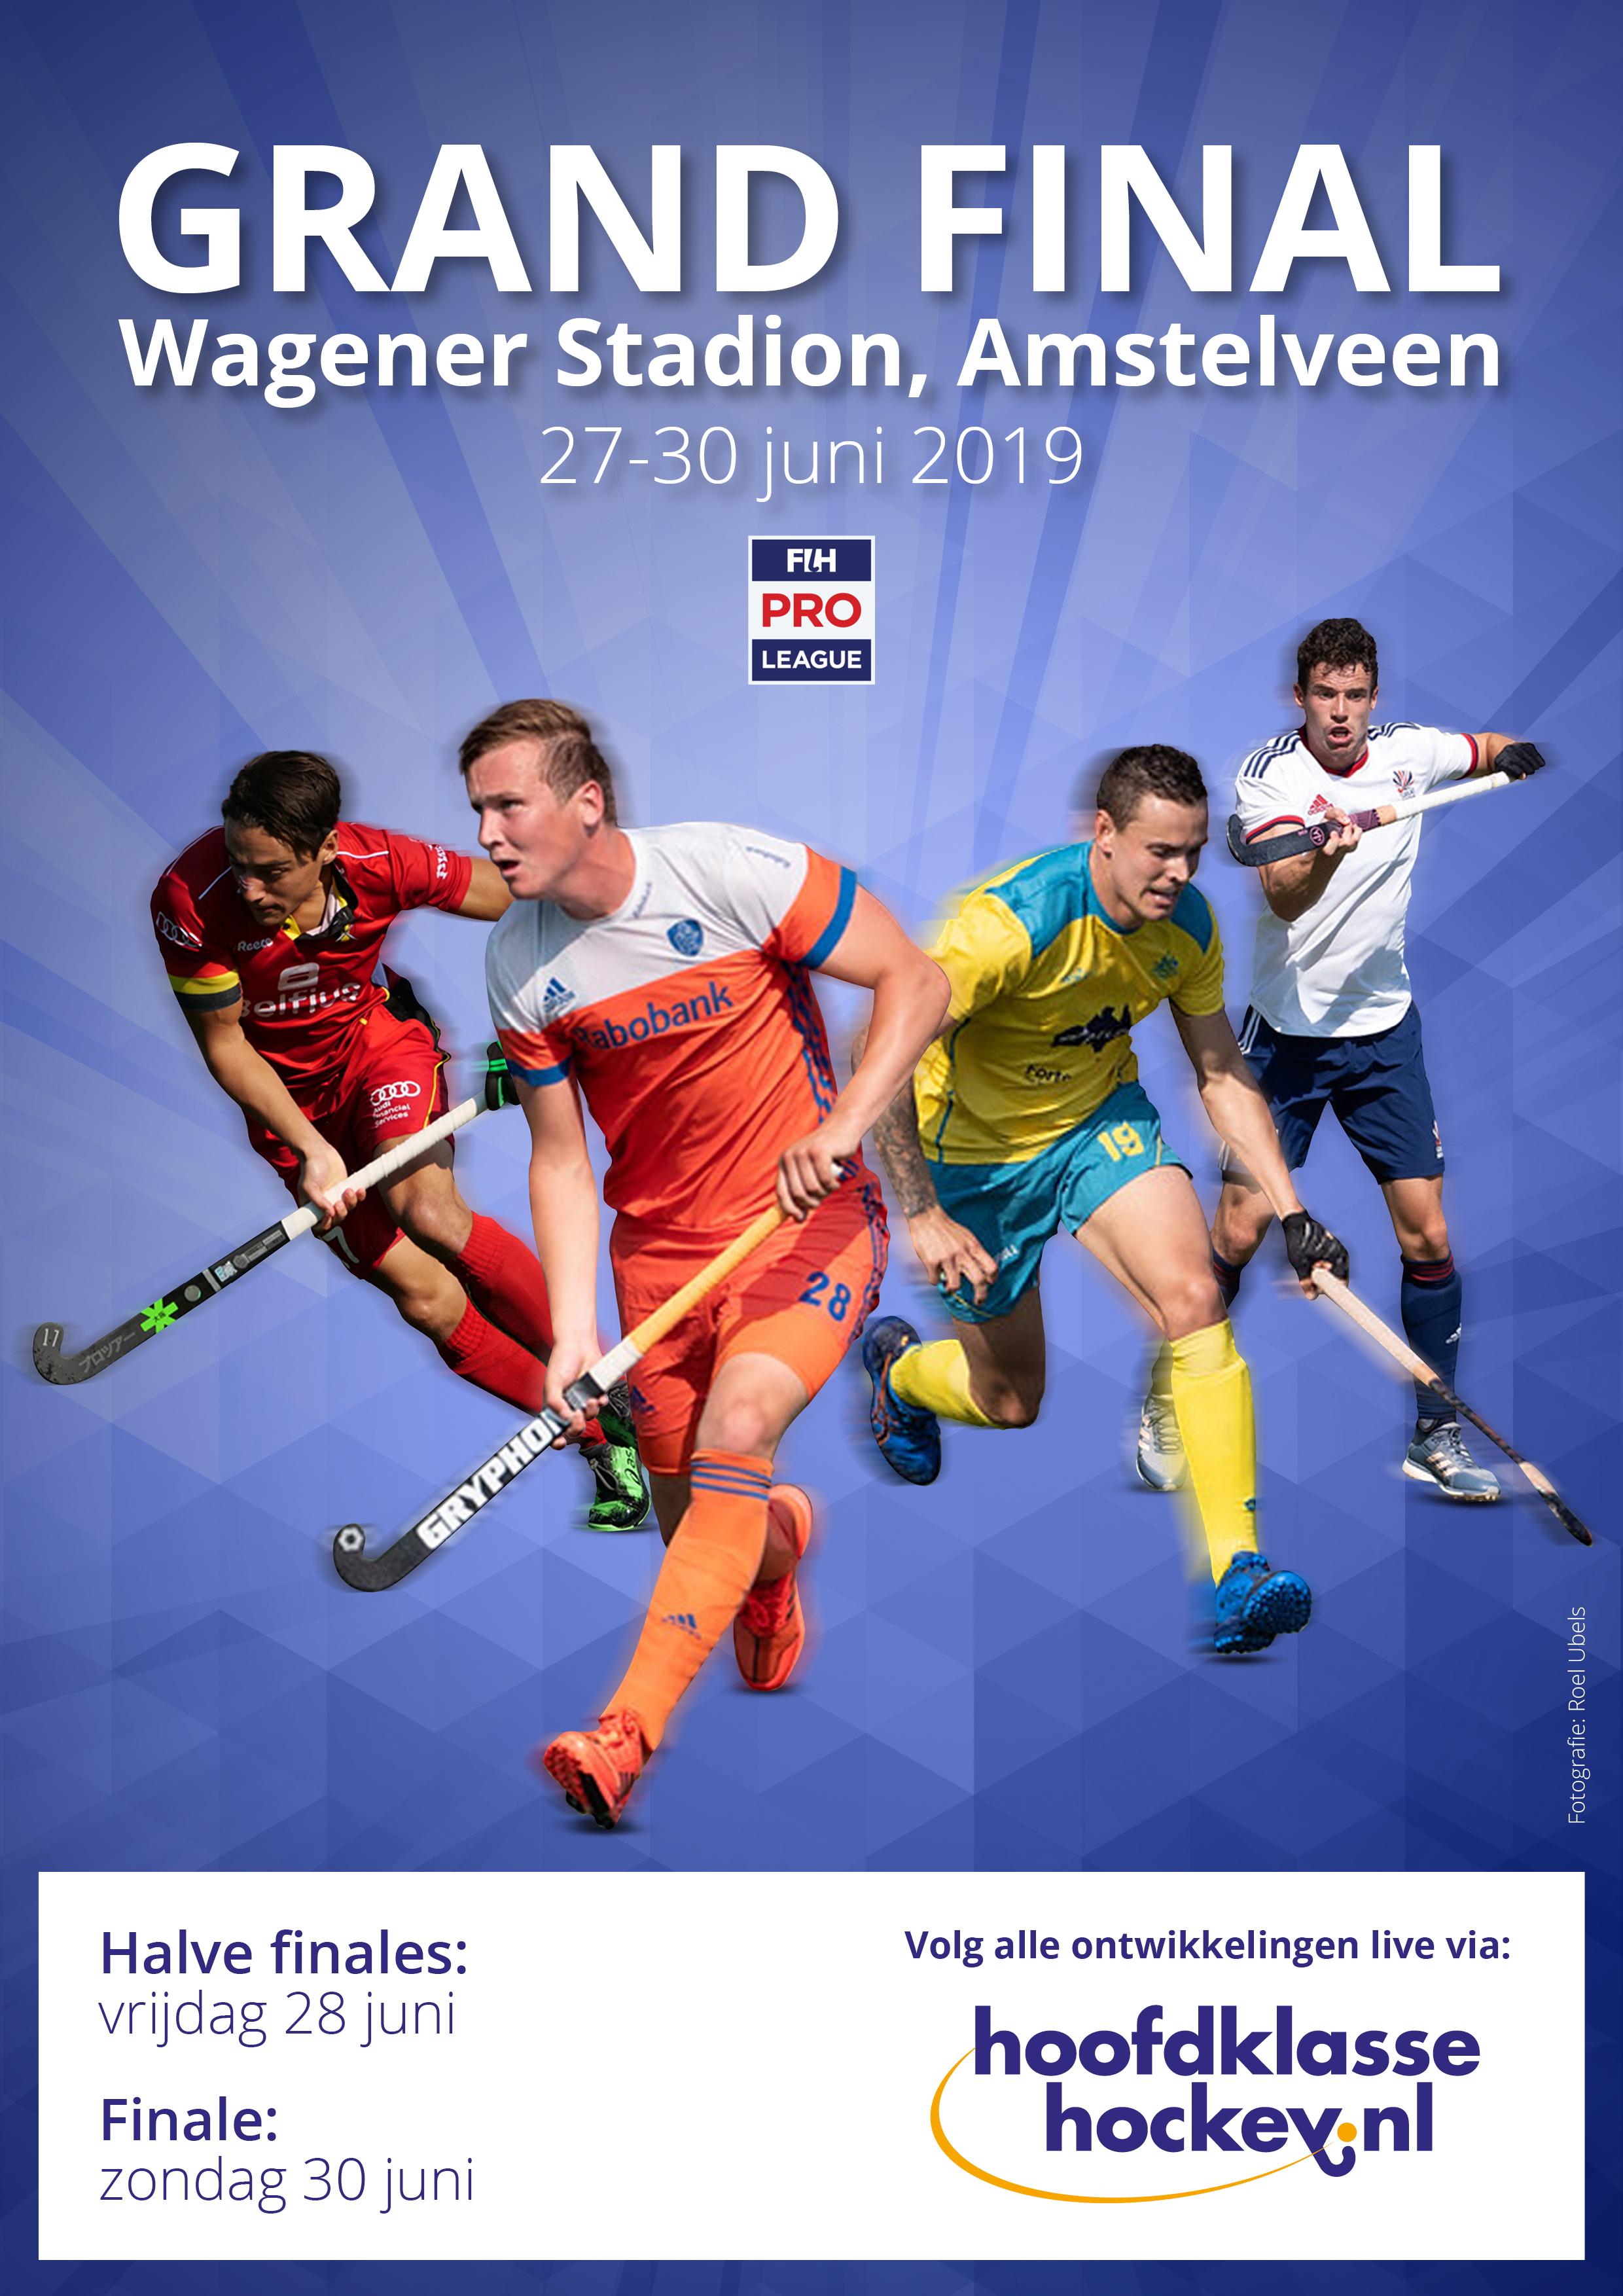 LIVE FIH Pro League Grand Final (H): Oranje zint op wraak voor verloren WK-finale tegen België (Eindstand 3-1)